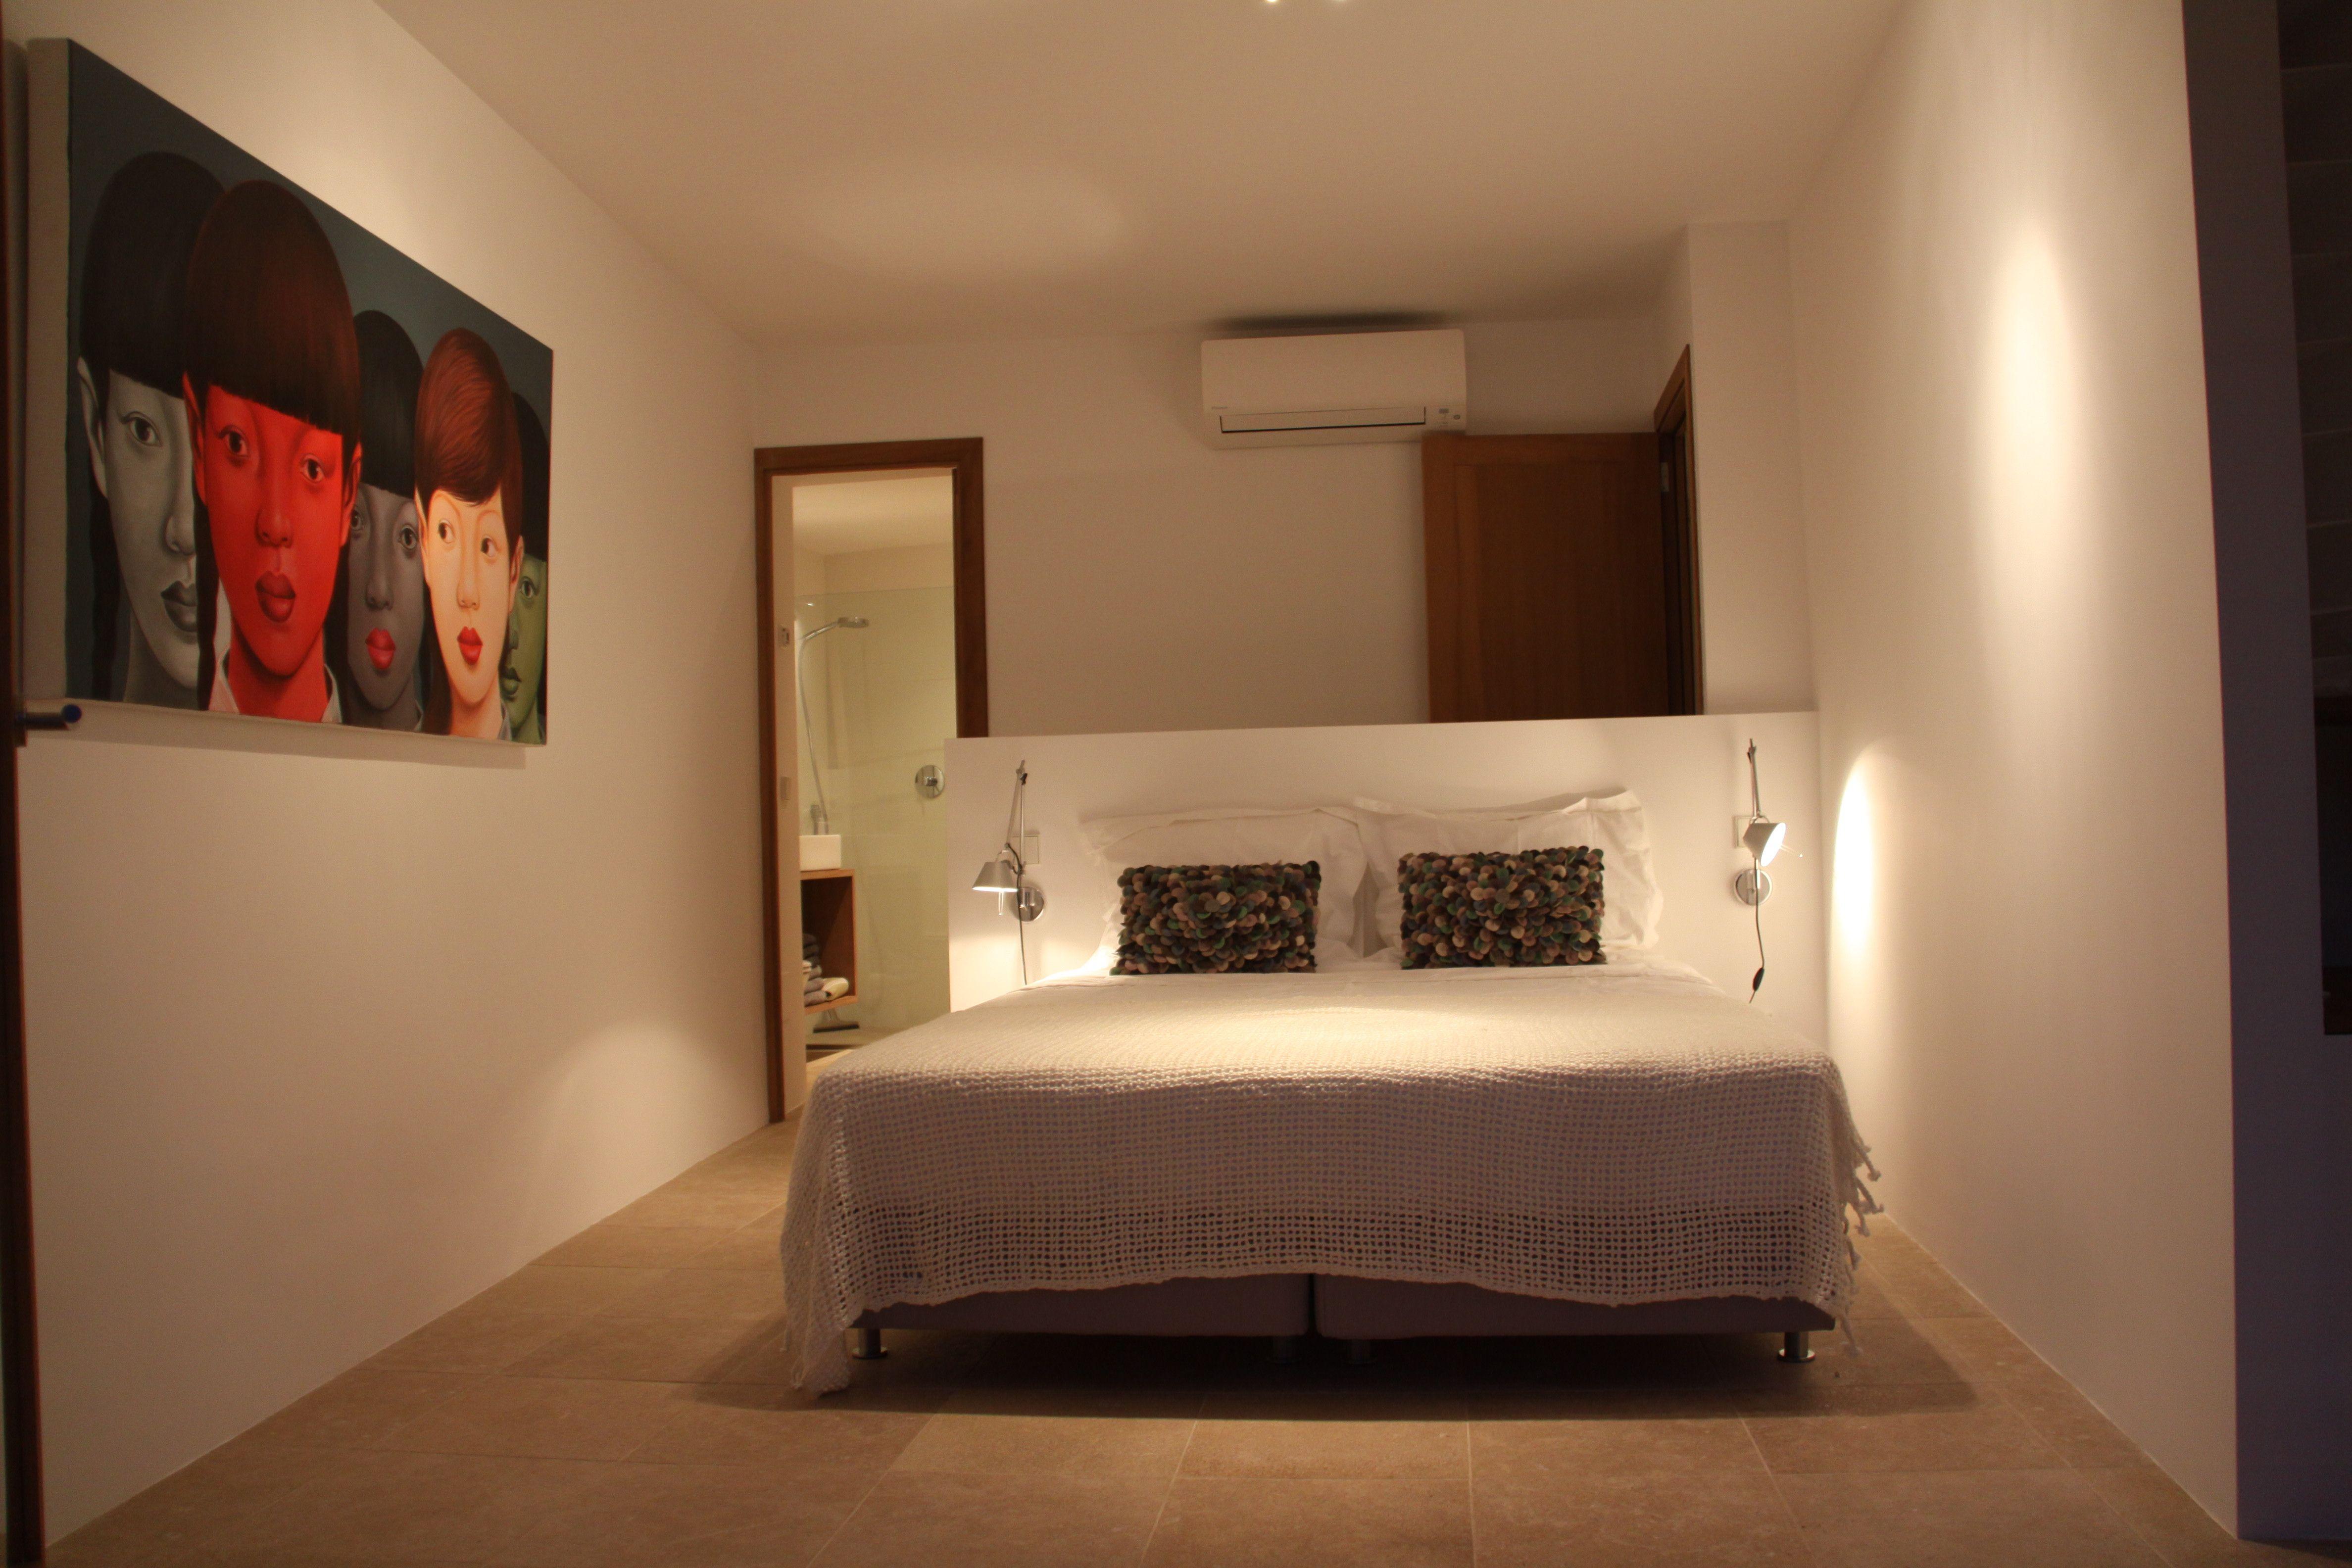 Bedroom Casita Sal de Mar, Port de Soller. www.sollersecrets.com